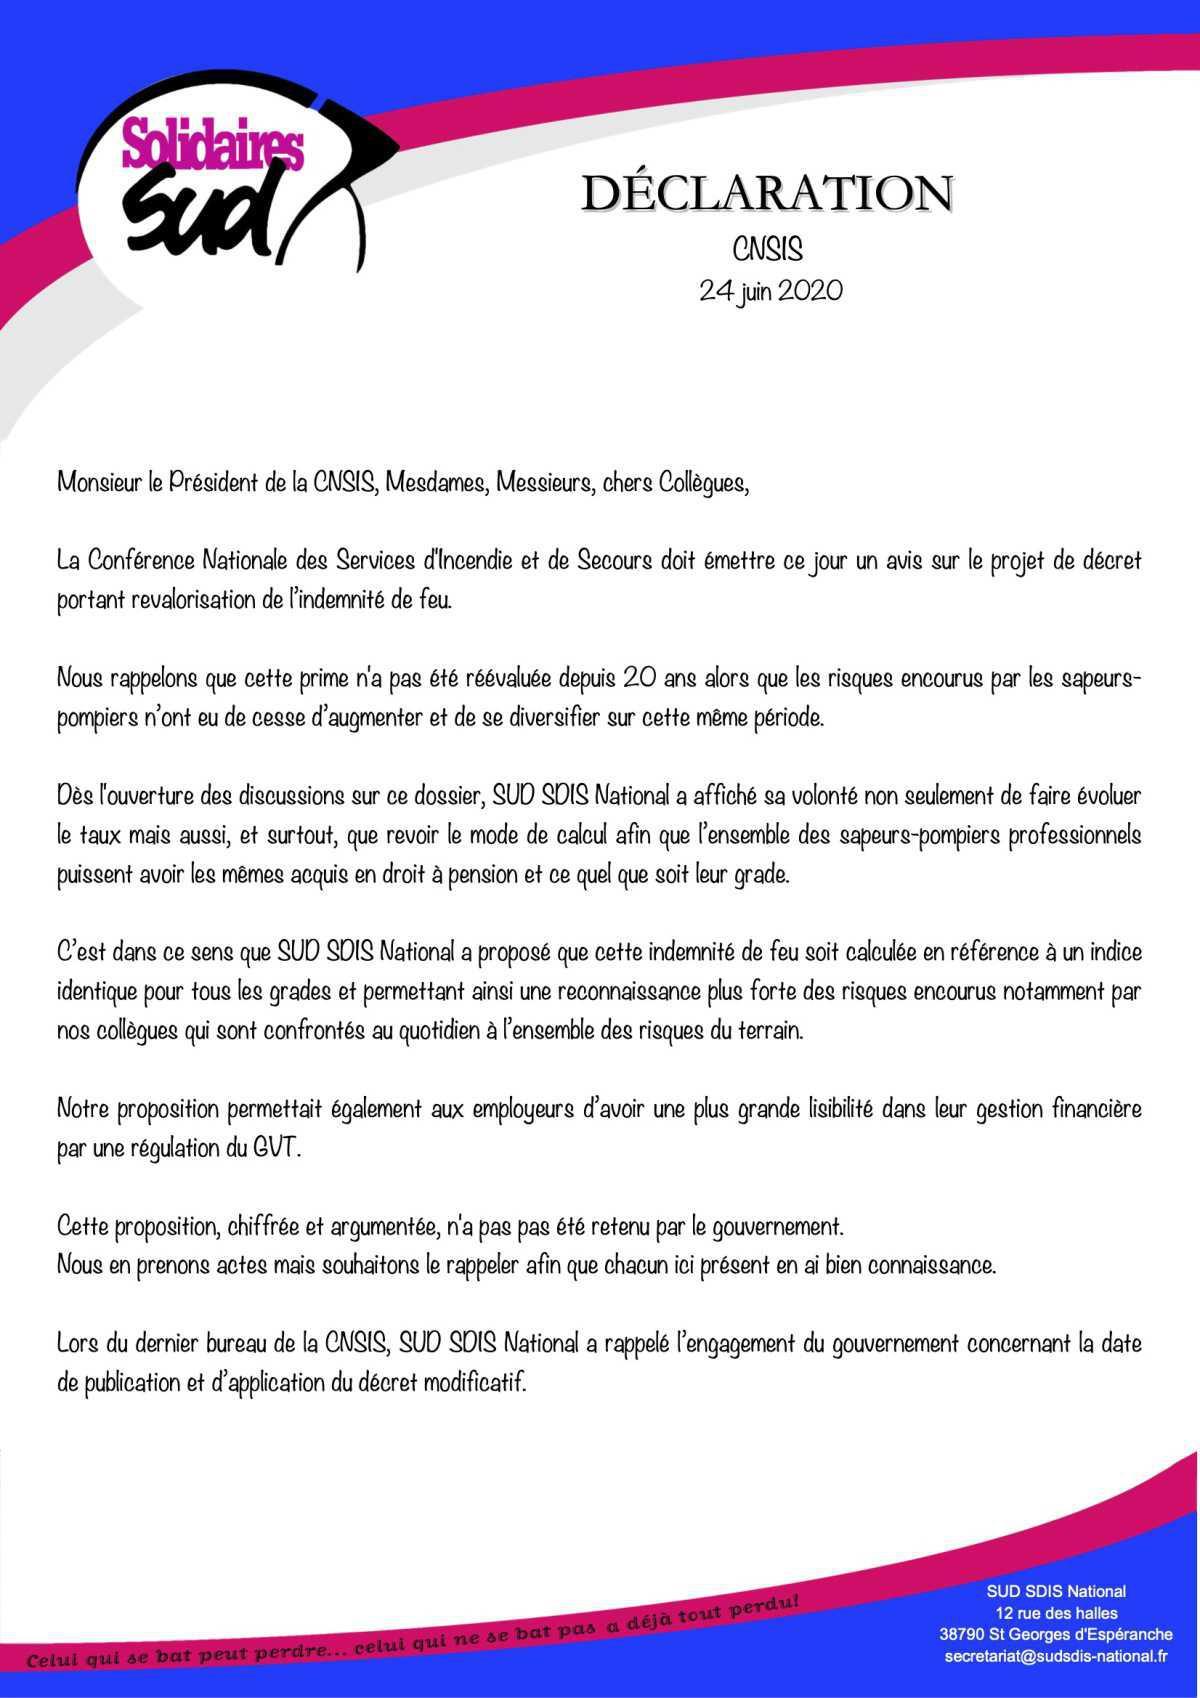 CNSIS Réunion du 24 juin 2020 en visio